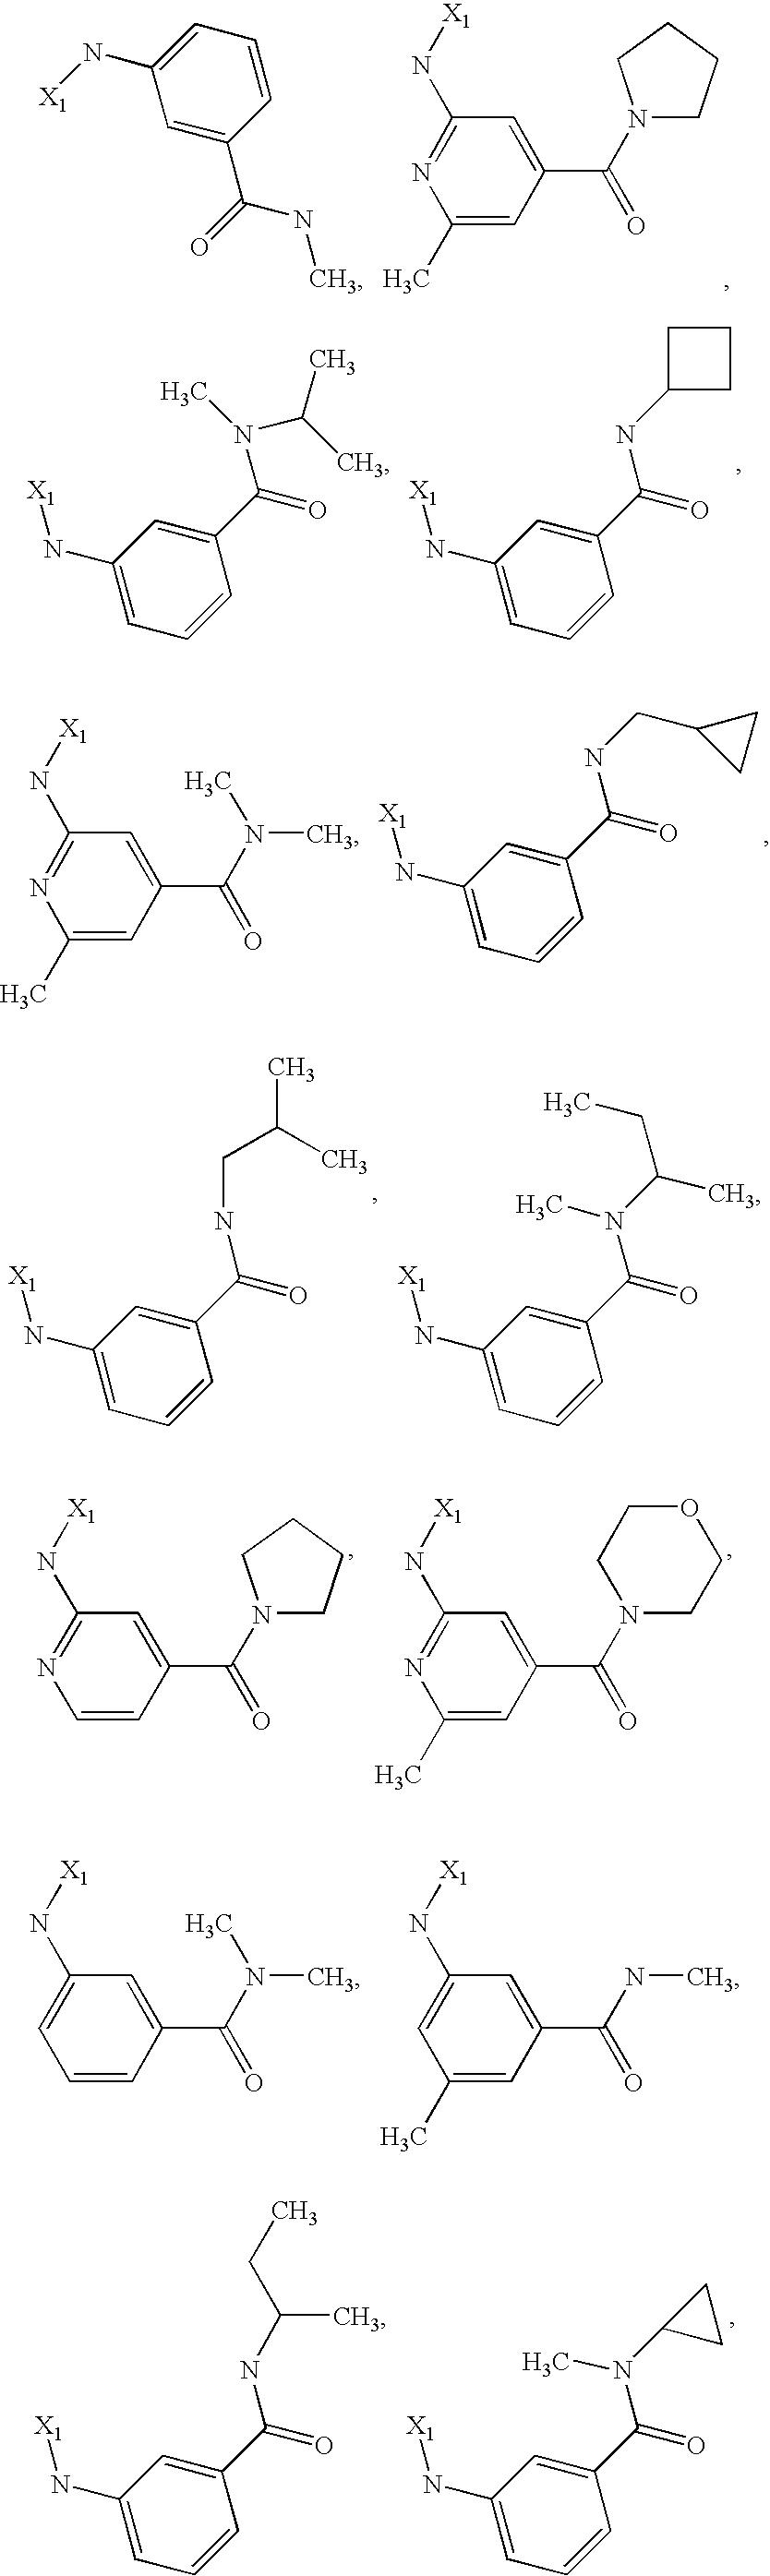 Figure US20100261687A1-20101014-C00523